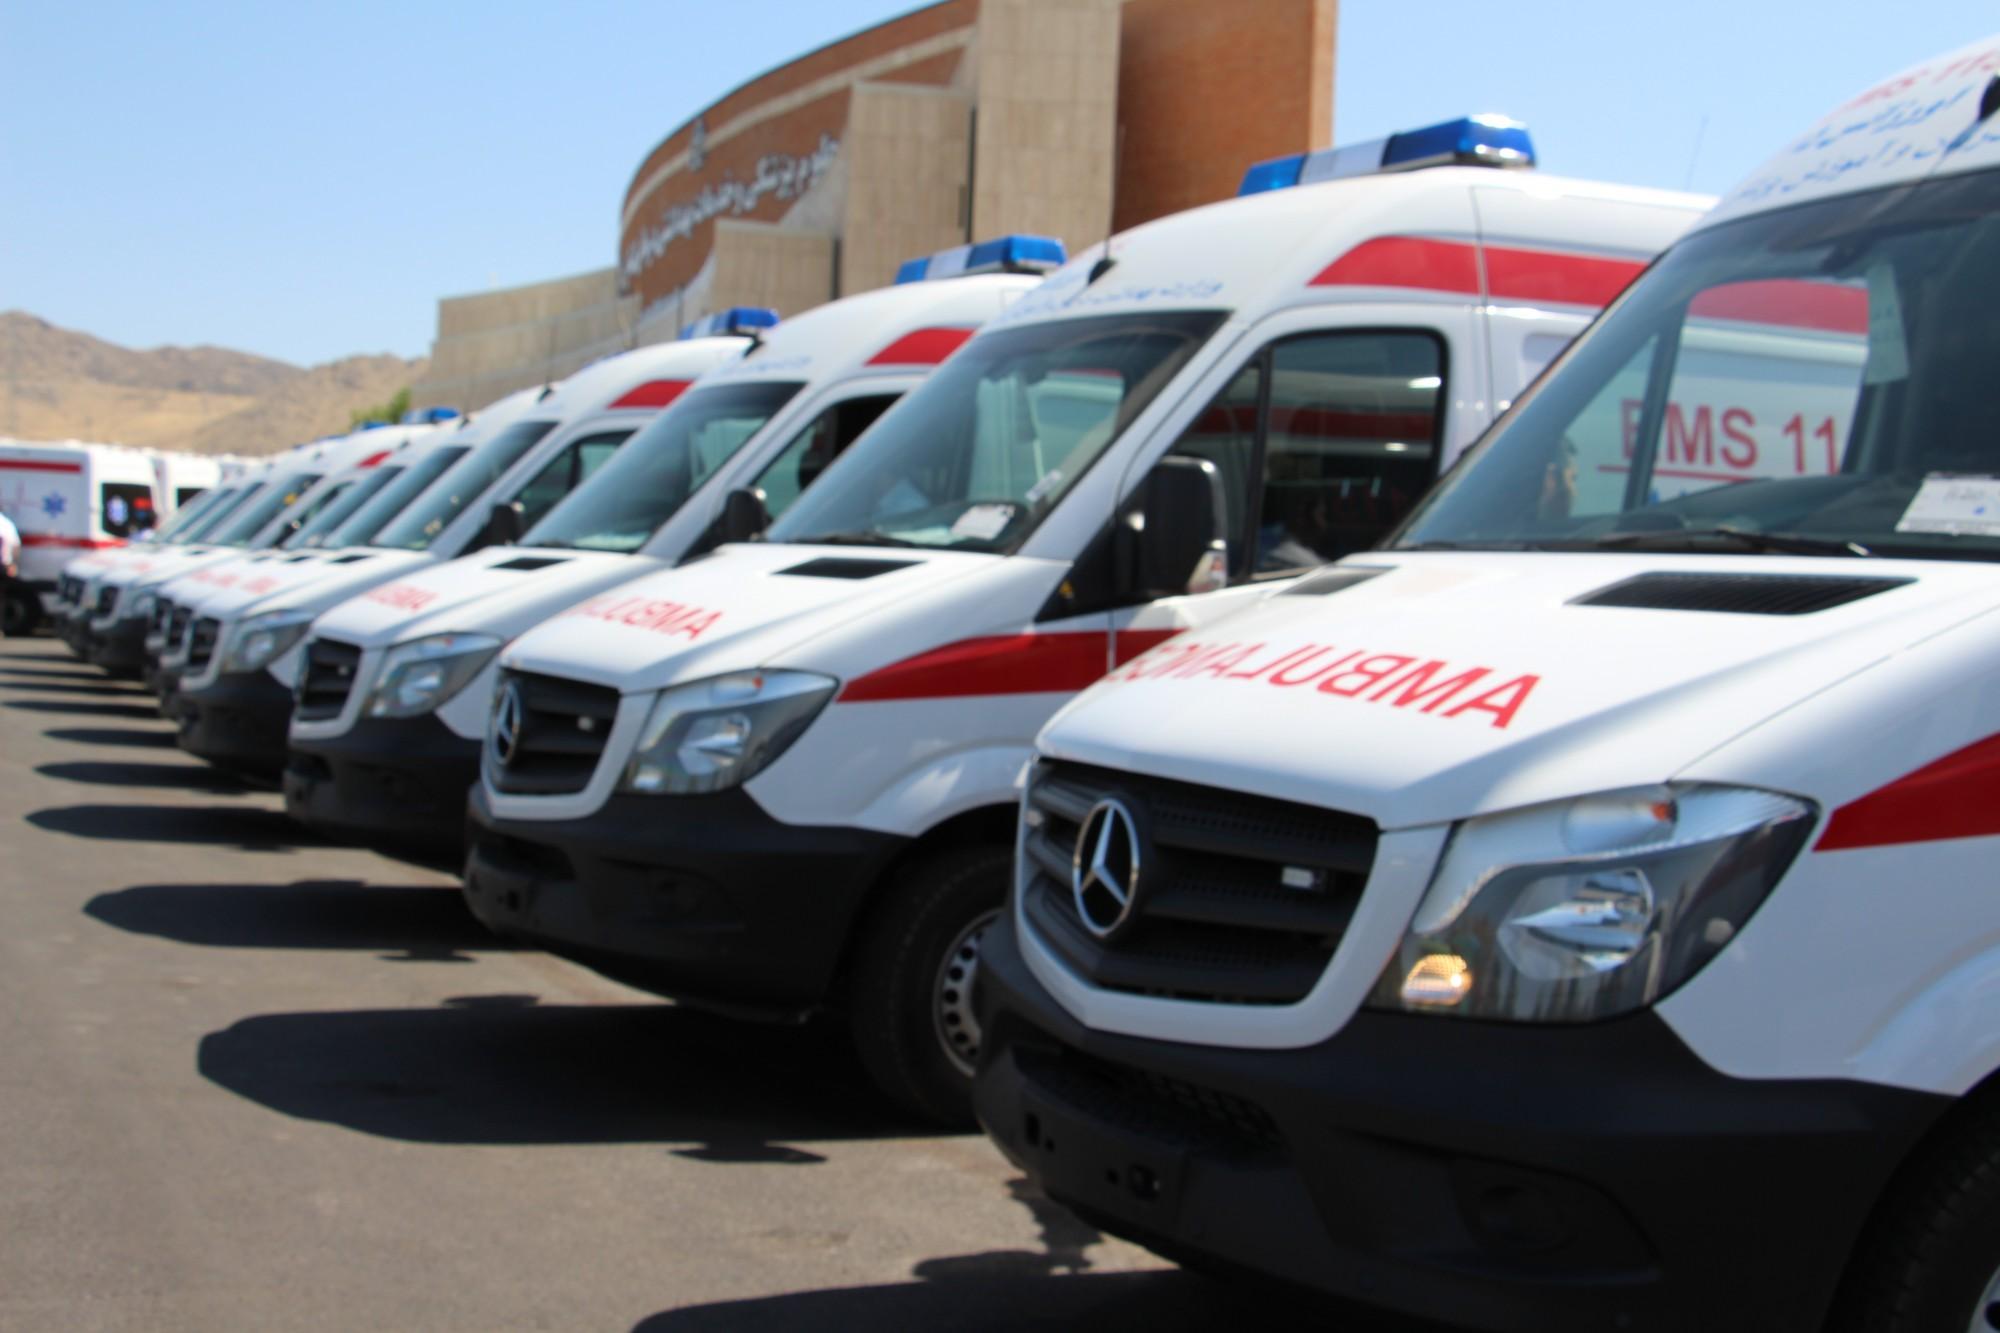 آیا آمبولانسهای وزارت با تعرفه سواری وارد شدند؟